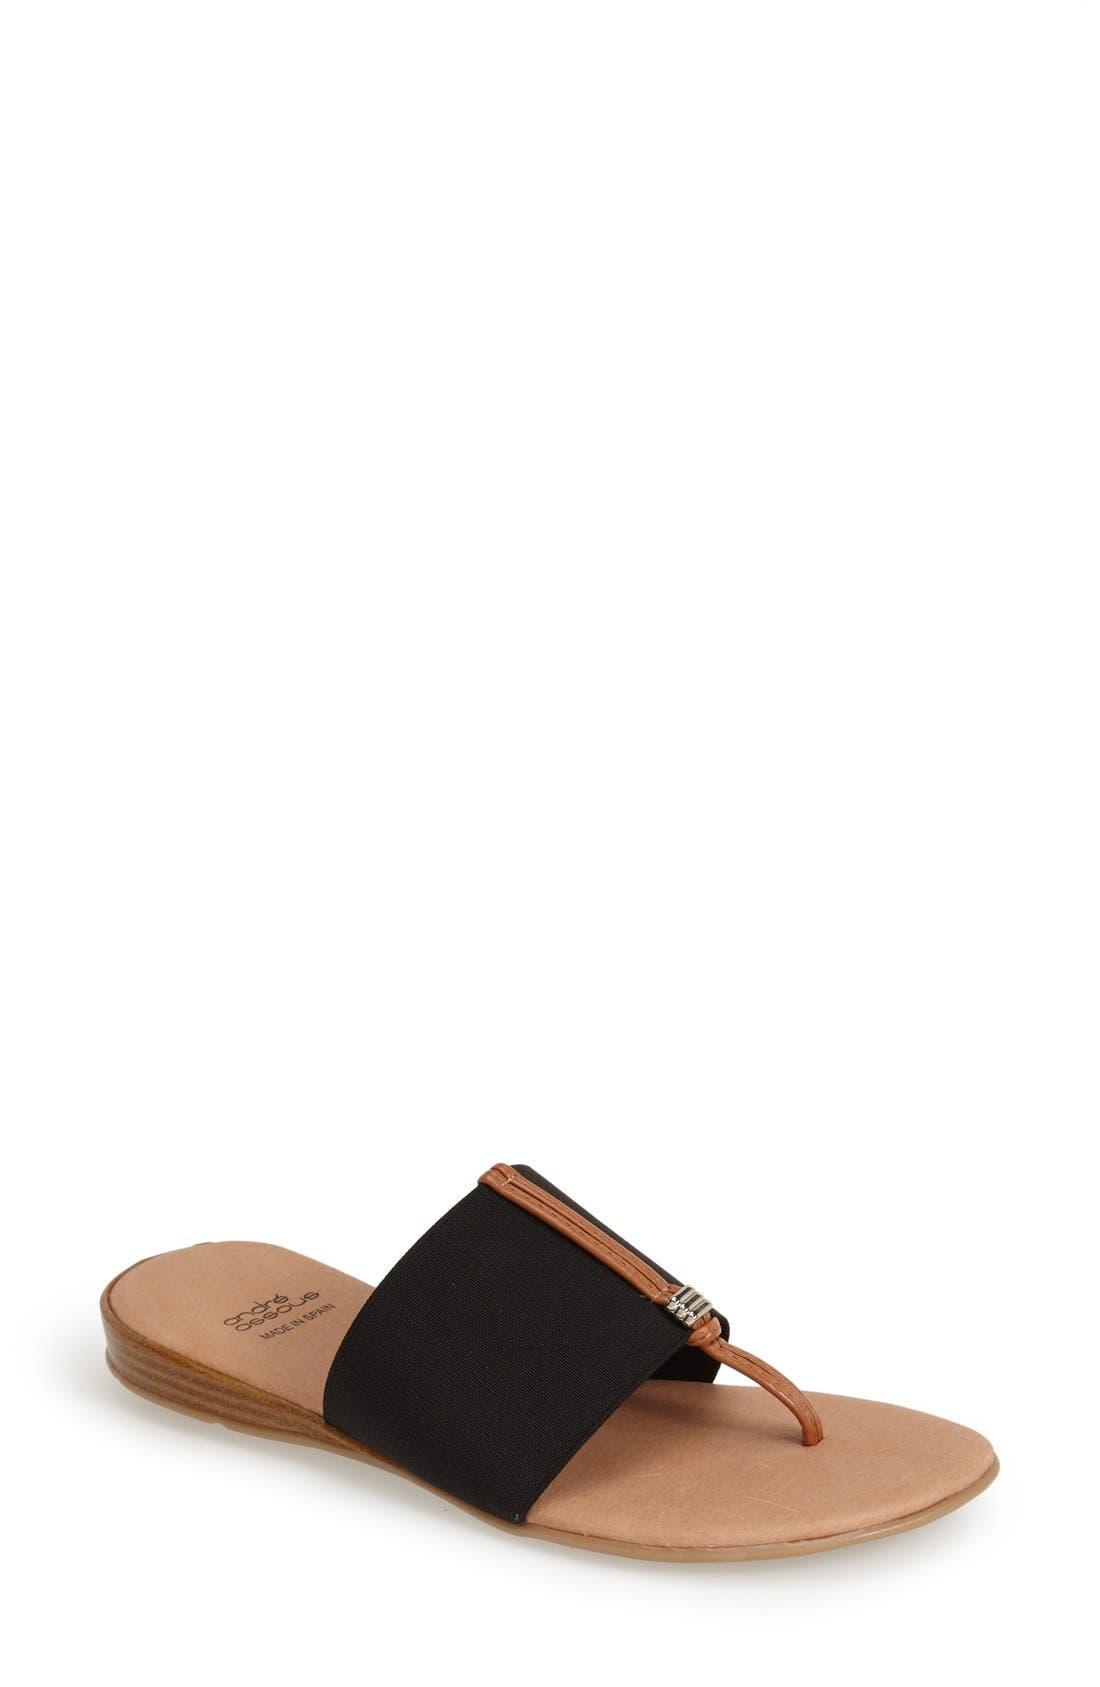 André Assous 'Nice' Sandal,                             Main thumbnail 1, color,                             001